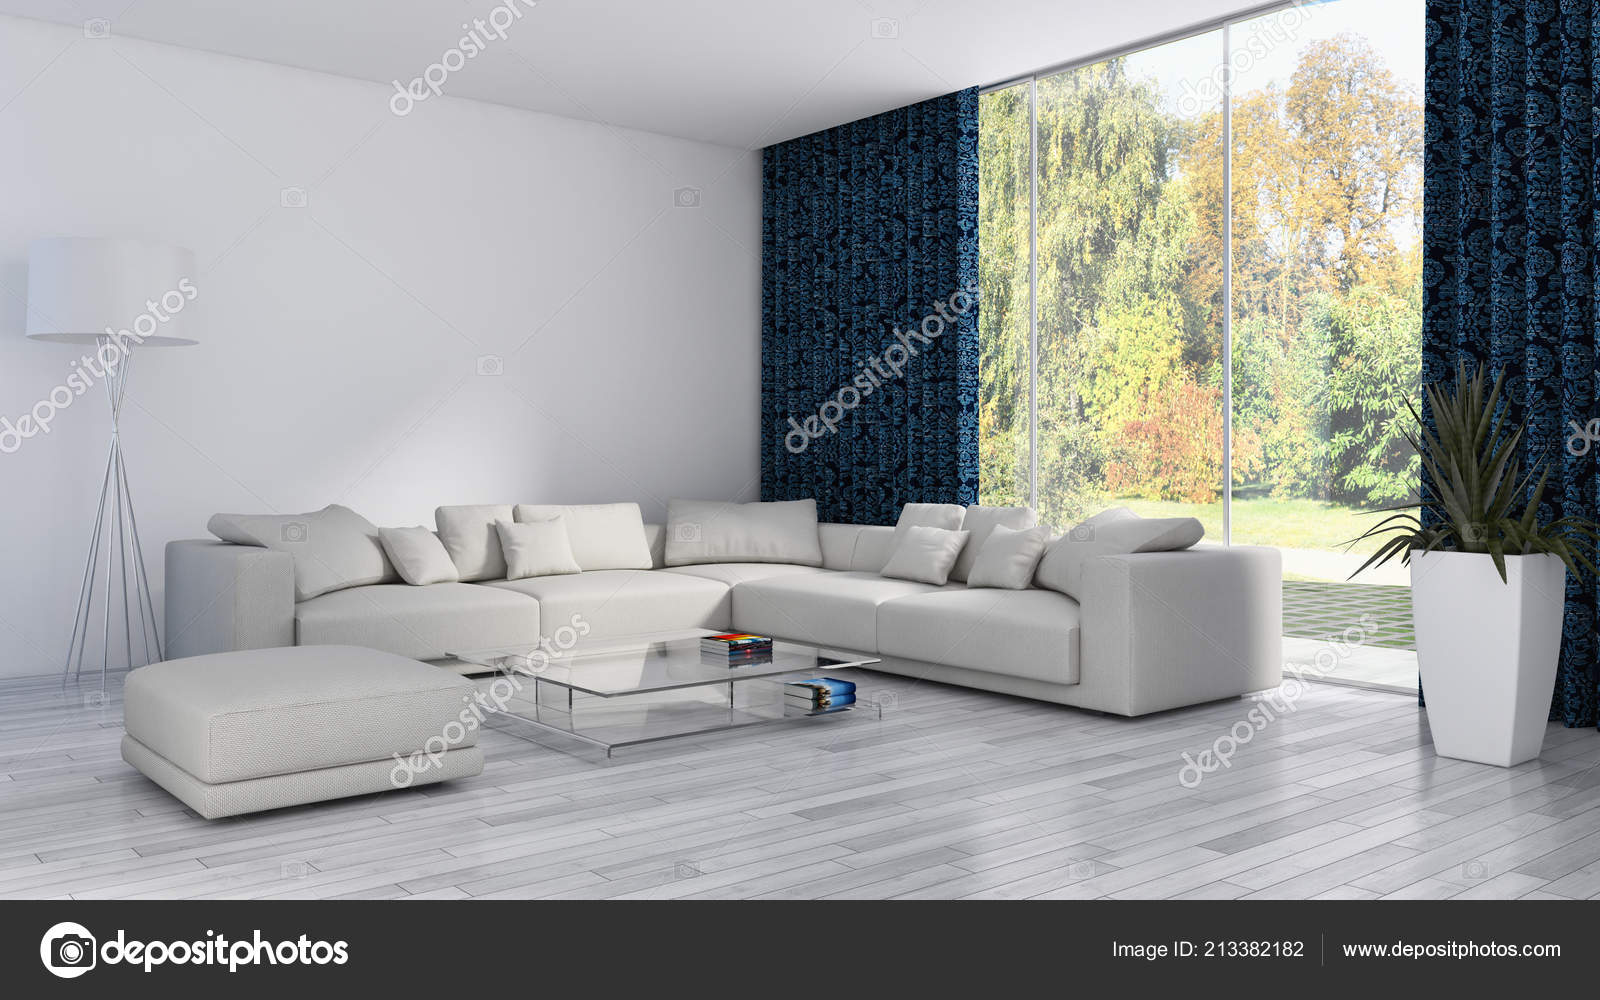 Rendering Soggiorni Moderni.Grande Lusso Moderni Interni Luminosi Appartamento Soggiorno